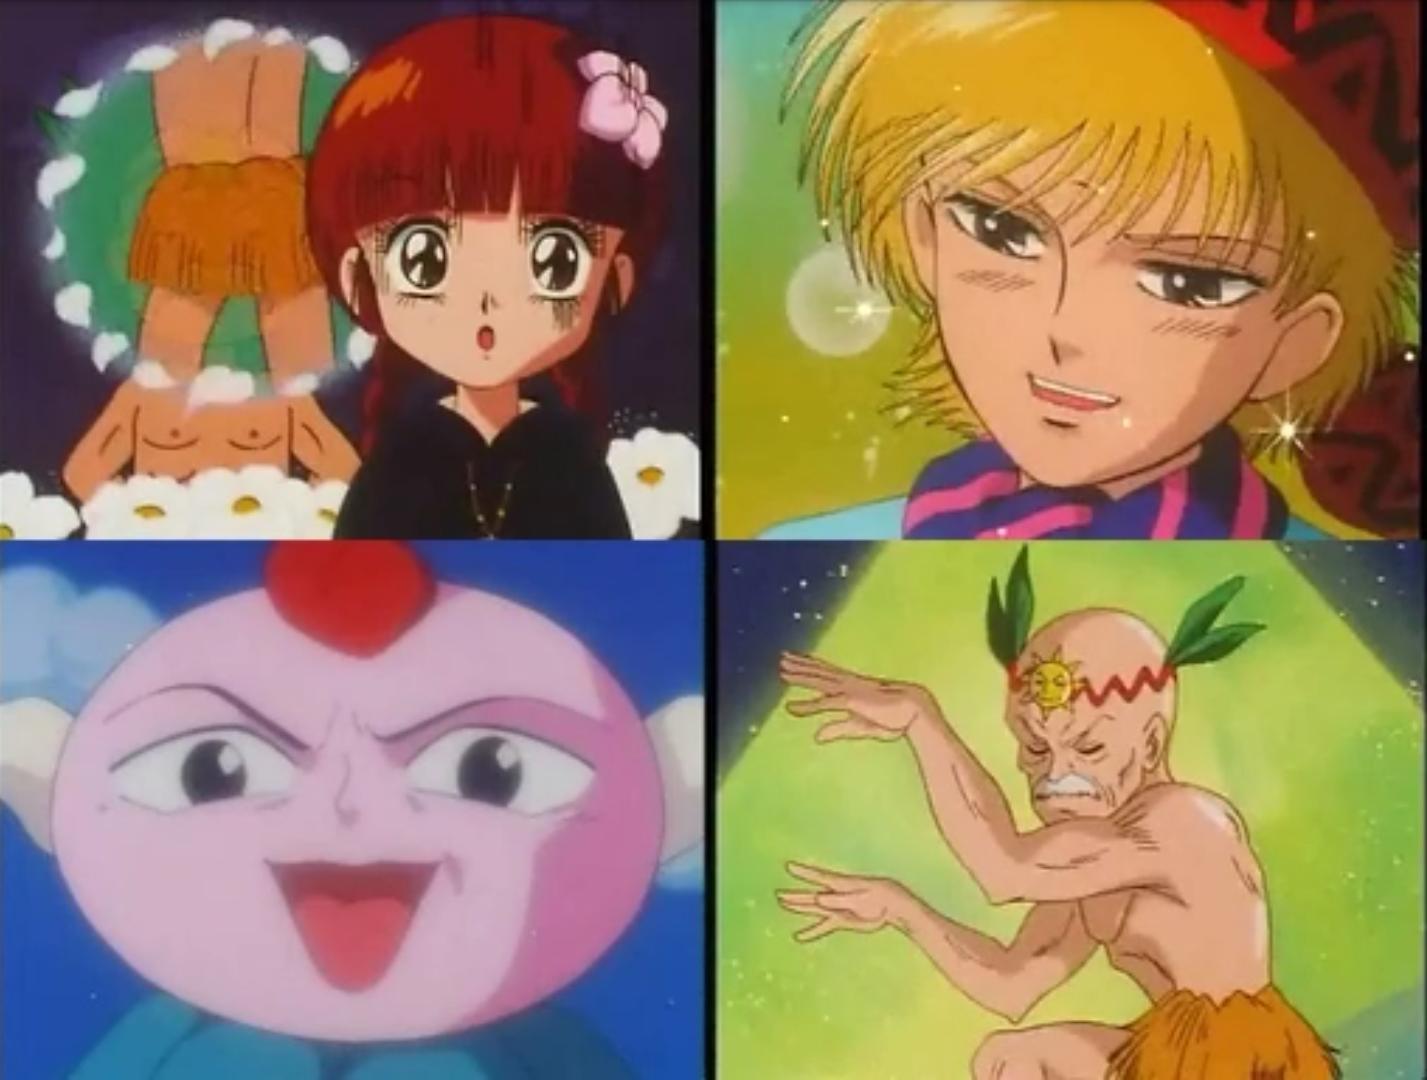 ギャグで美男美女になったキャラクターを貼るトピ